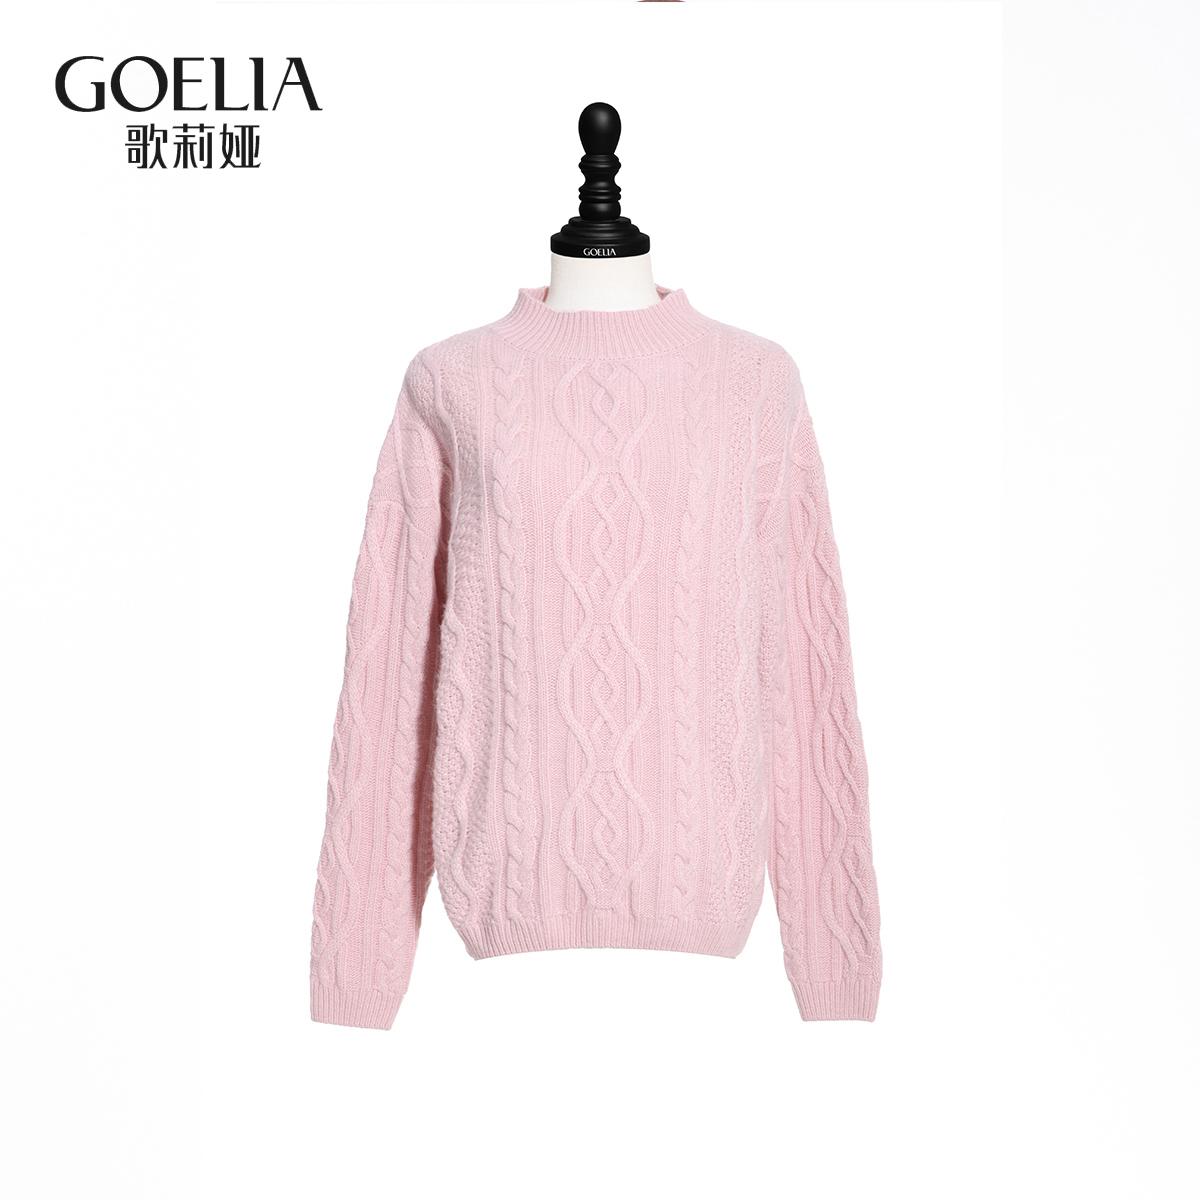 歌莉娅女装 GLORIA歌莉娅女装 长袖毛线衫粗针扭花毛衣女16CJ5J650_推荐淘宝好看的歌莉娅